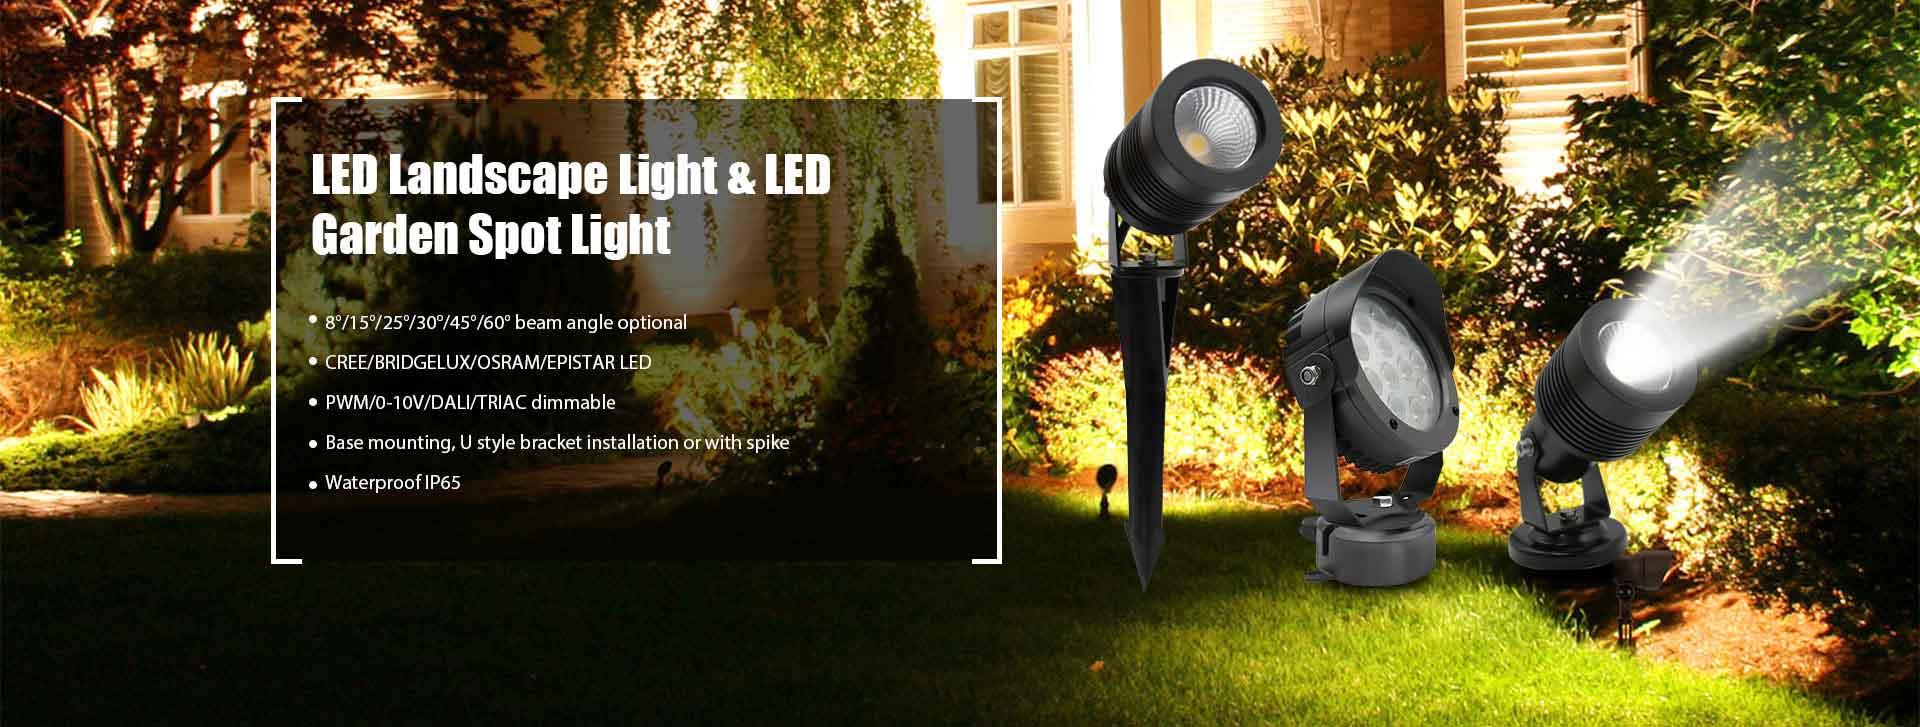 LED Landscape Spot Light